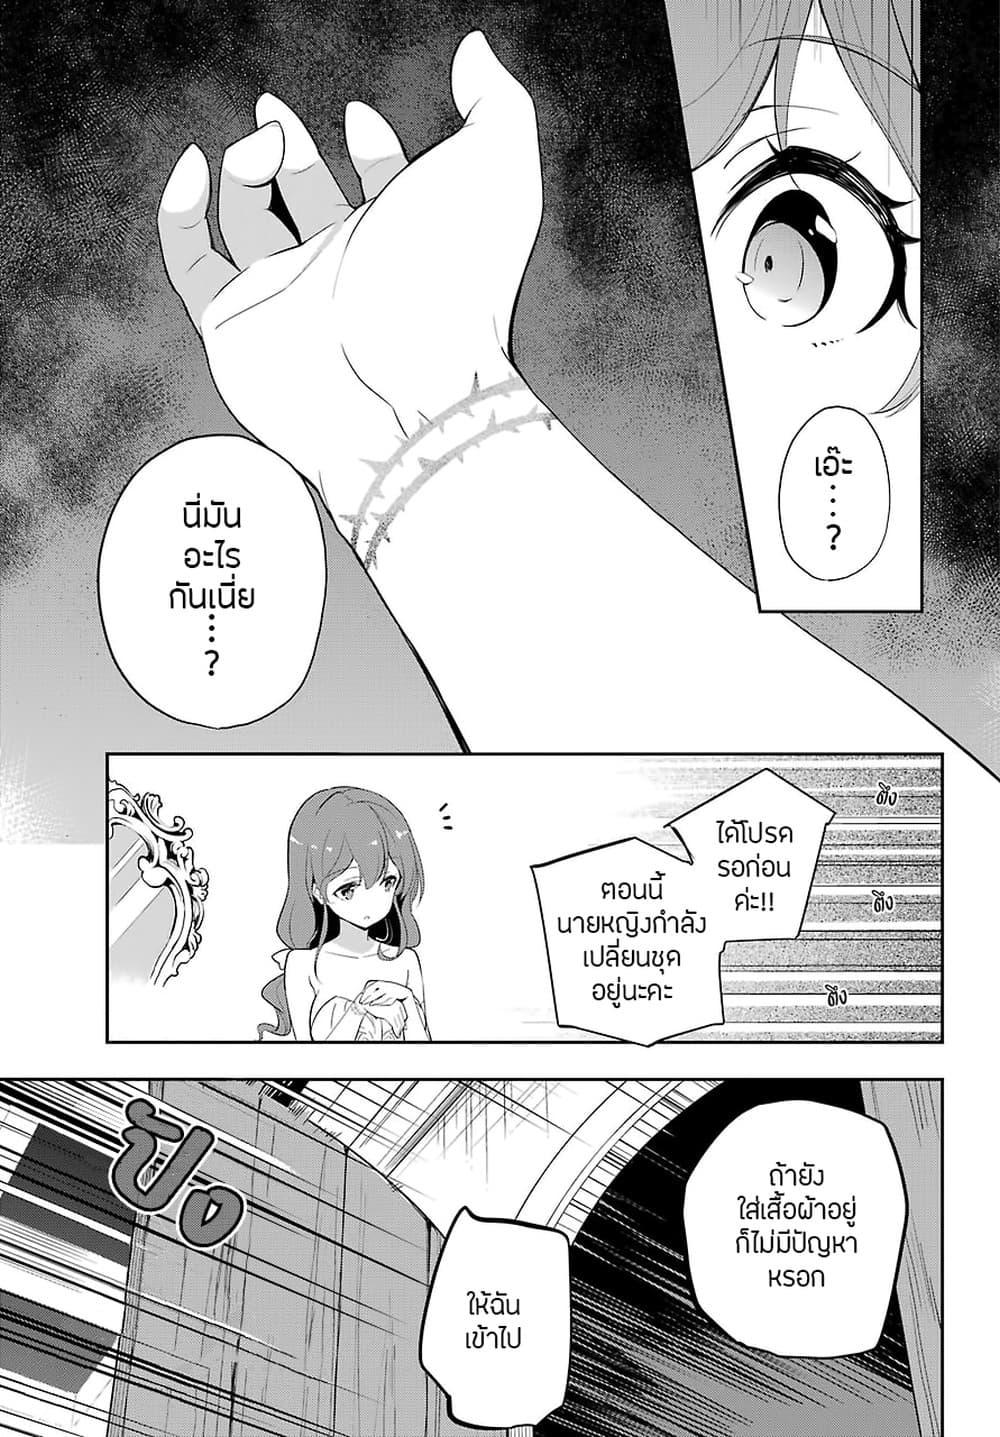 อ่านการ์ตูน Chichi wa Eiyuu Haha wa Seirei, Musume no Watashi wa Tenseisha ตอนที่ 13 หน้าที่ 13